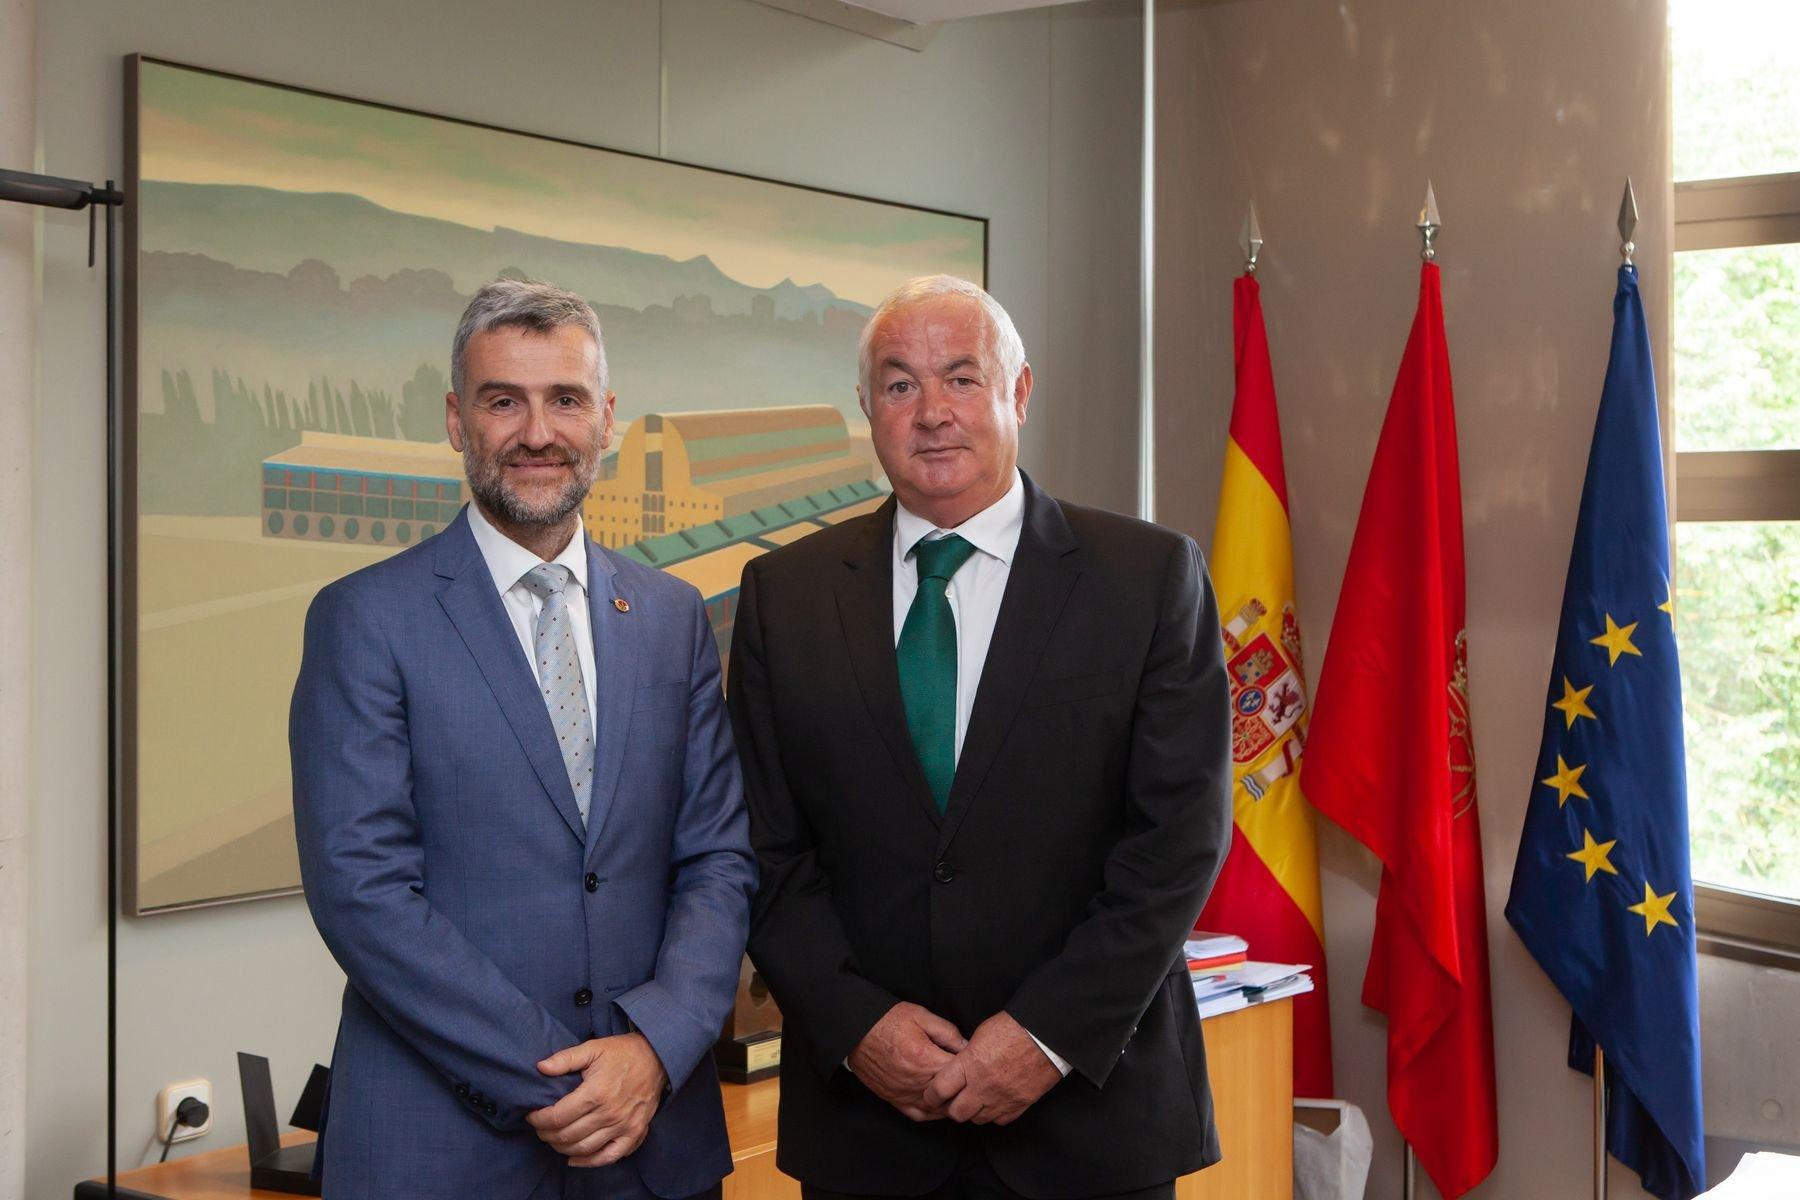 Ignacio Terés los Arcos (derecha), junto al rector de la Universidad Pública de Navarra, Alfonso Carlosena, en 2018, tras la firma de un acuerdo de colaboración